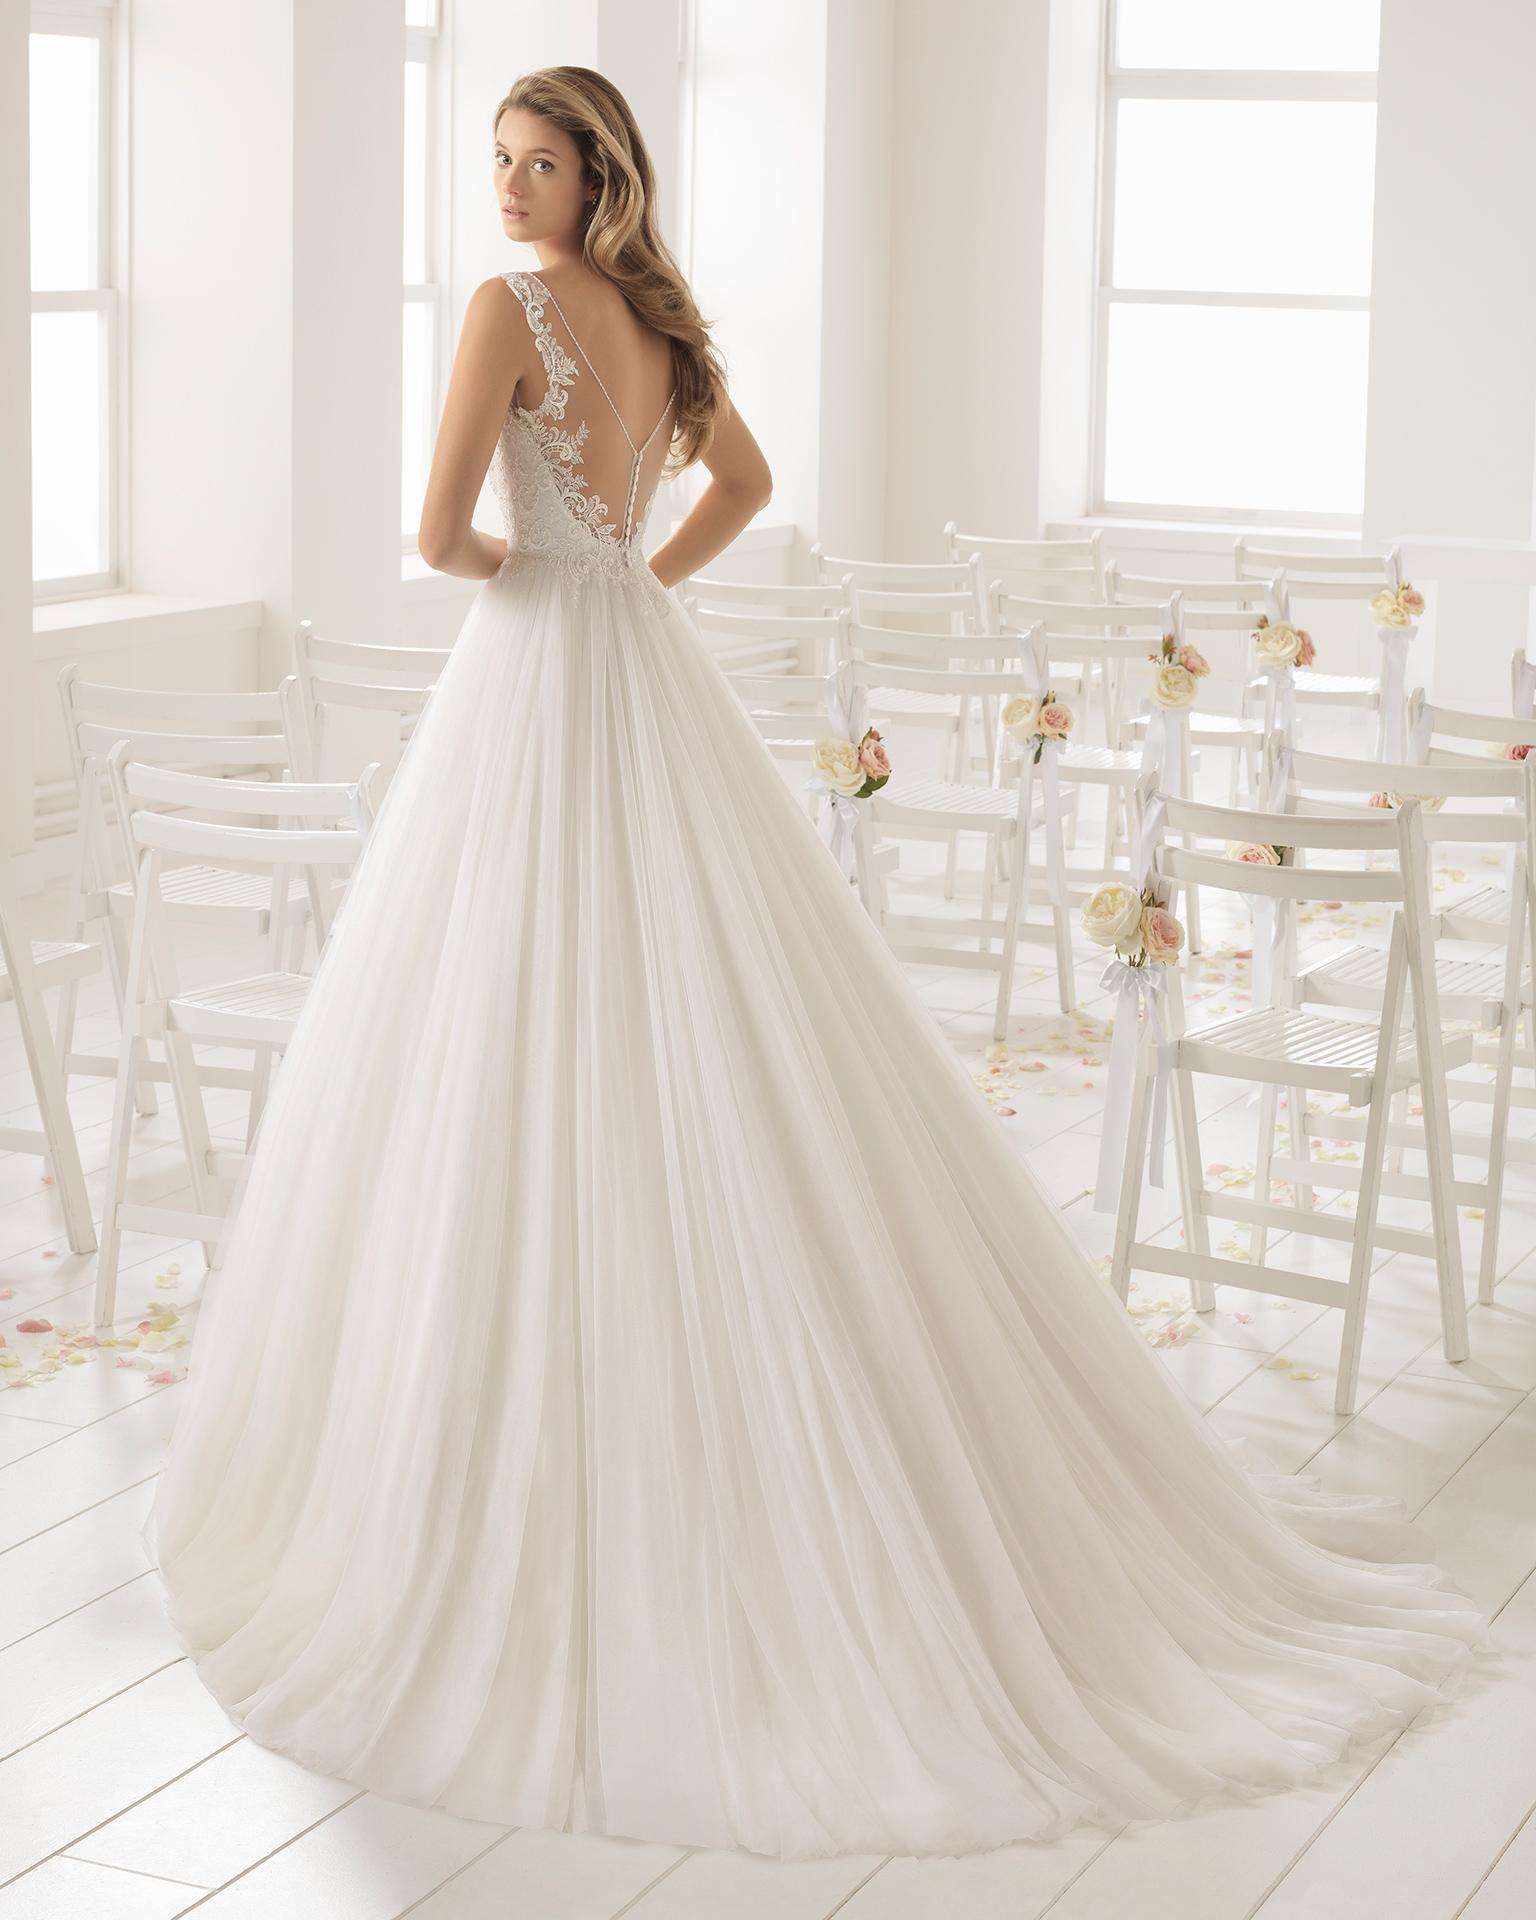 珠饰蕾丝薄纱深V领低背A字裙新娘婚纱。